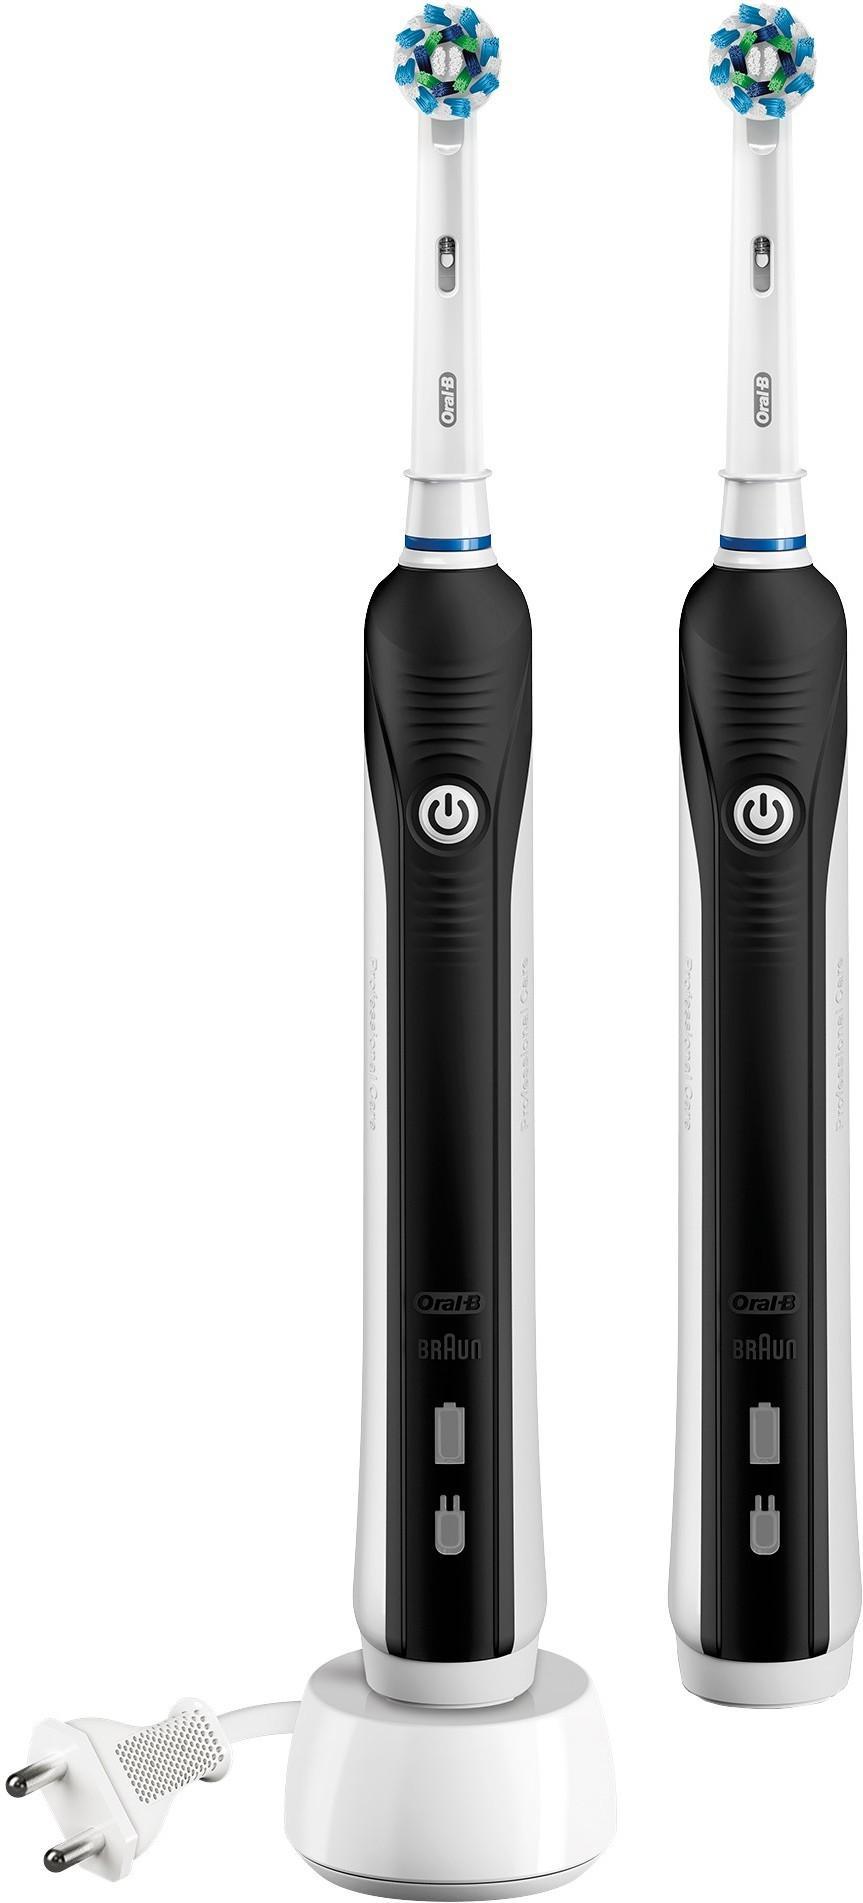 Best pris på Oral-B Pro 790 Duo - Se priser før kjøp i Prisguiden 30be6698605ec